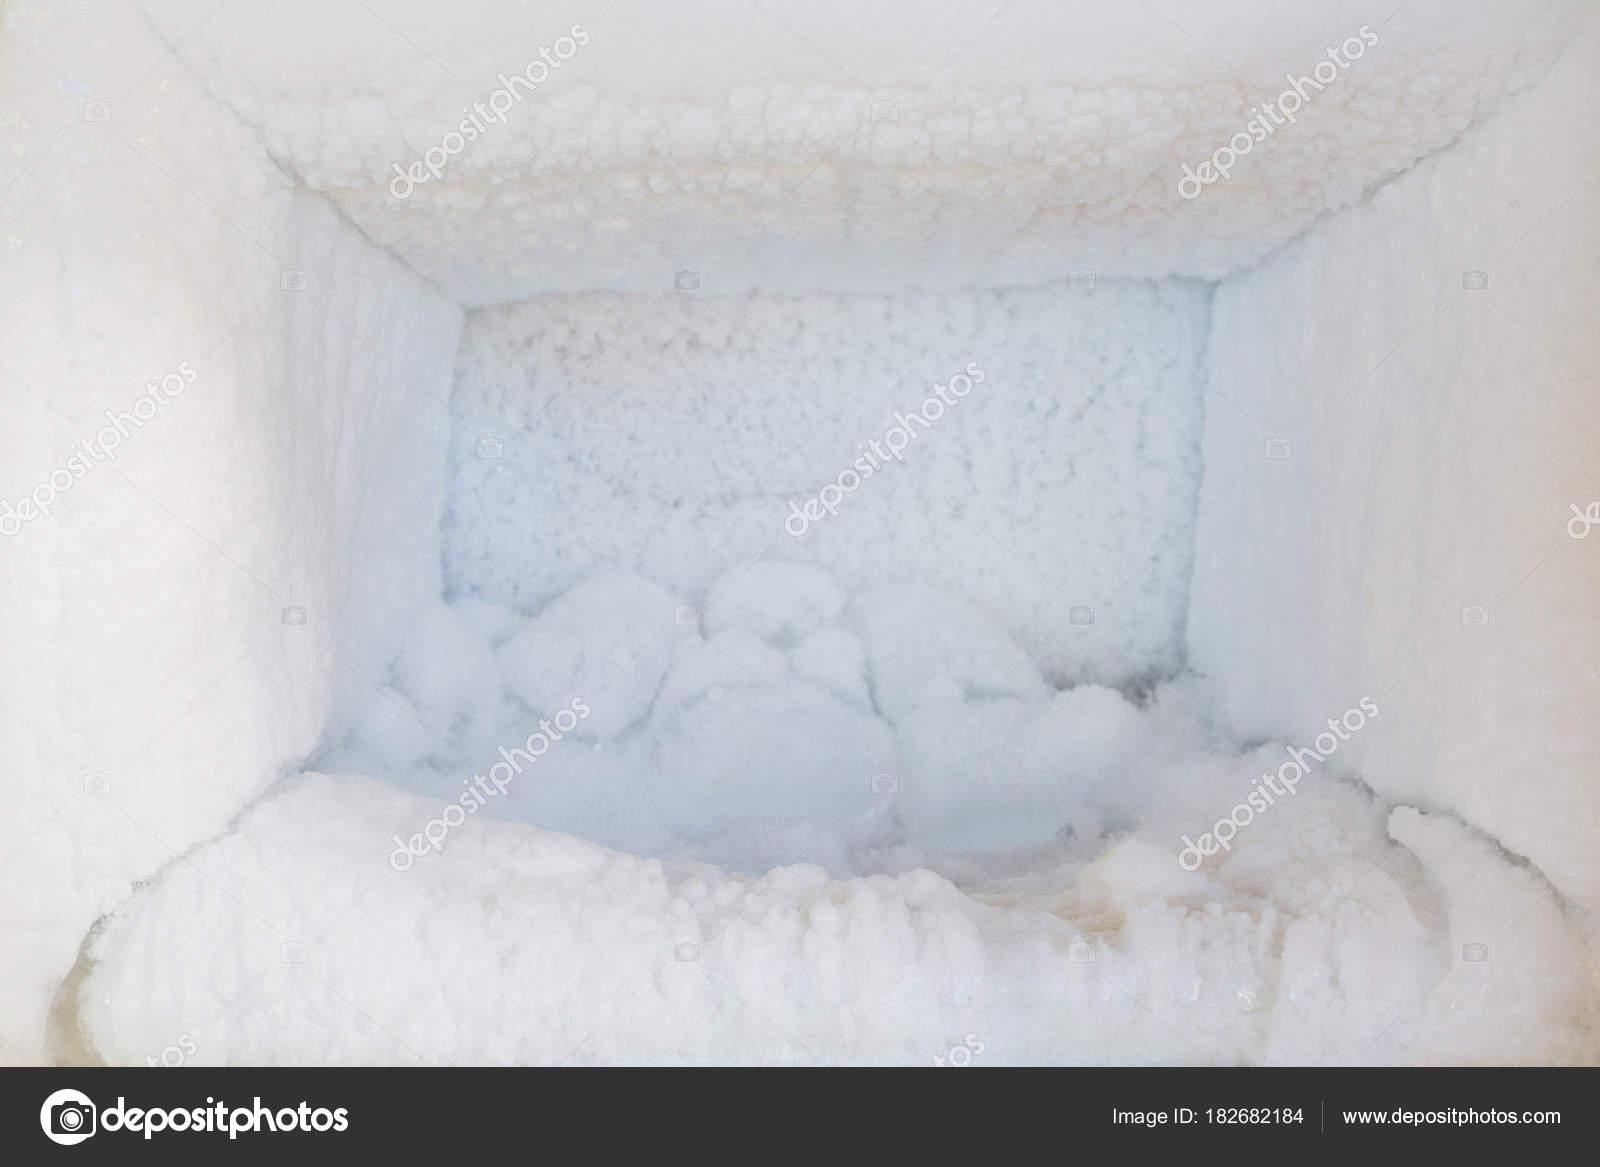 Aufbau Eines Kühlschrank : Der kühlschrank leer eis aufbau im inneren ein gefrierschrank